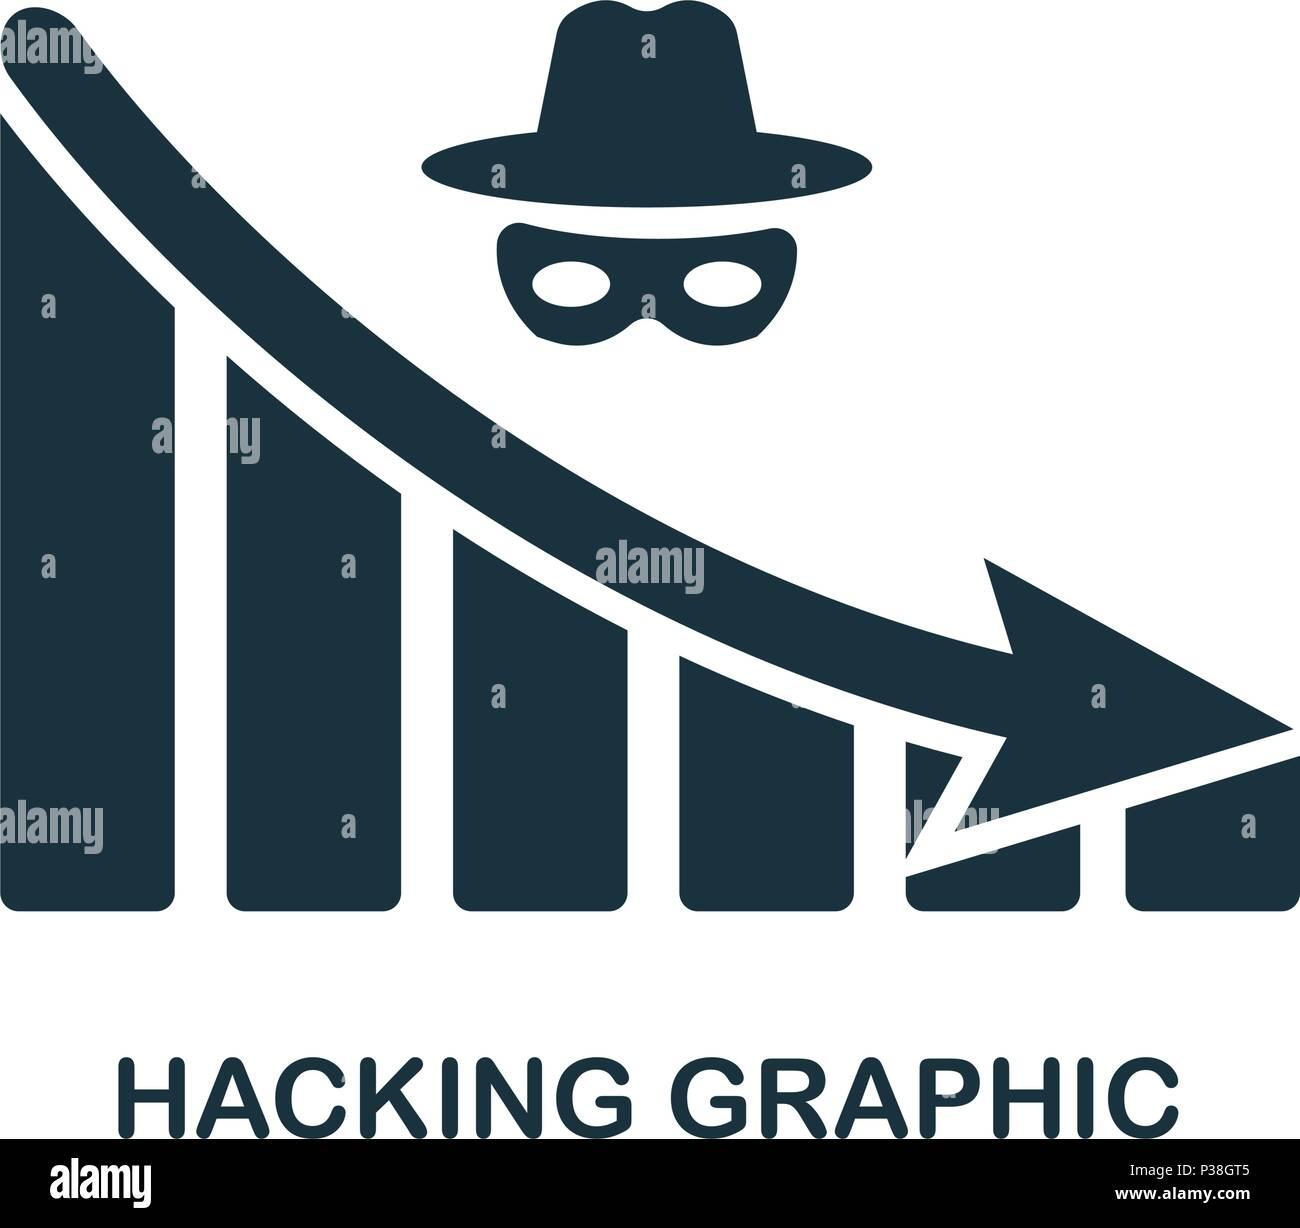 Diminuzione di hacking icona grafica. Mobile App, stampa, icona del sito web. Semplice elemento cantare. Hacking monocromatica diminuzione icona grafica illustrazione. Immagini Stock